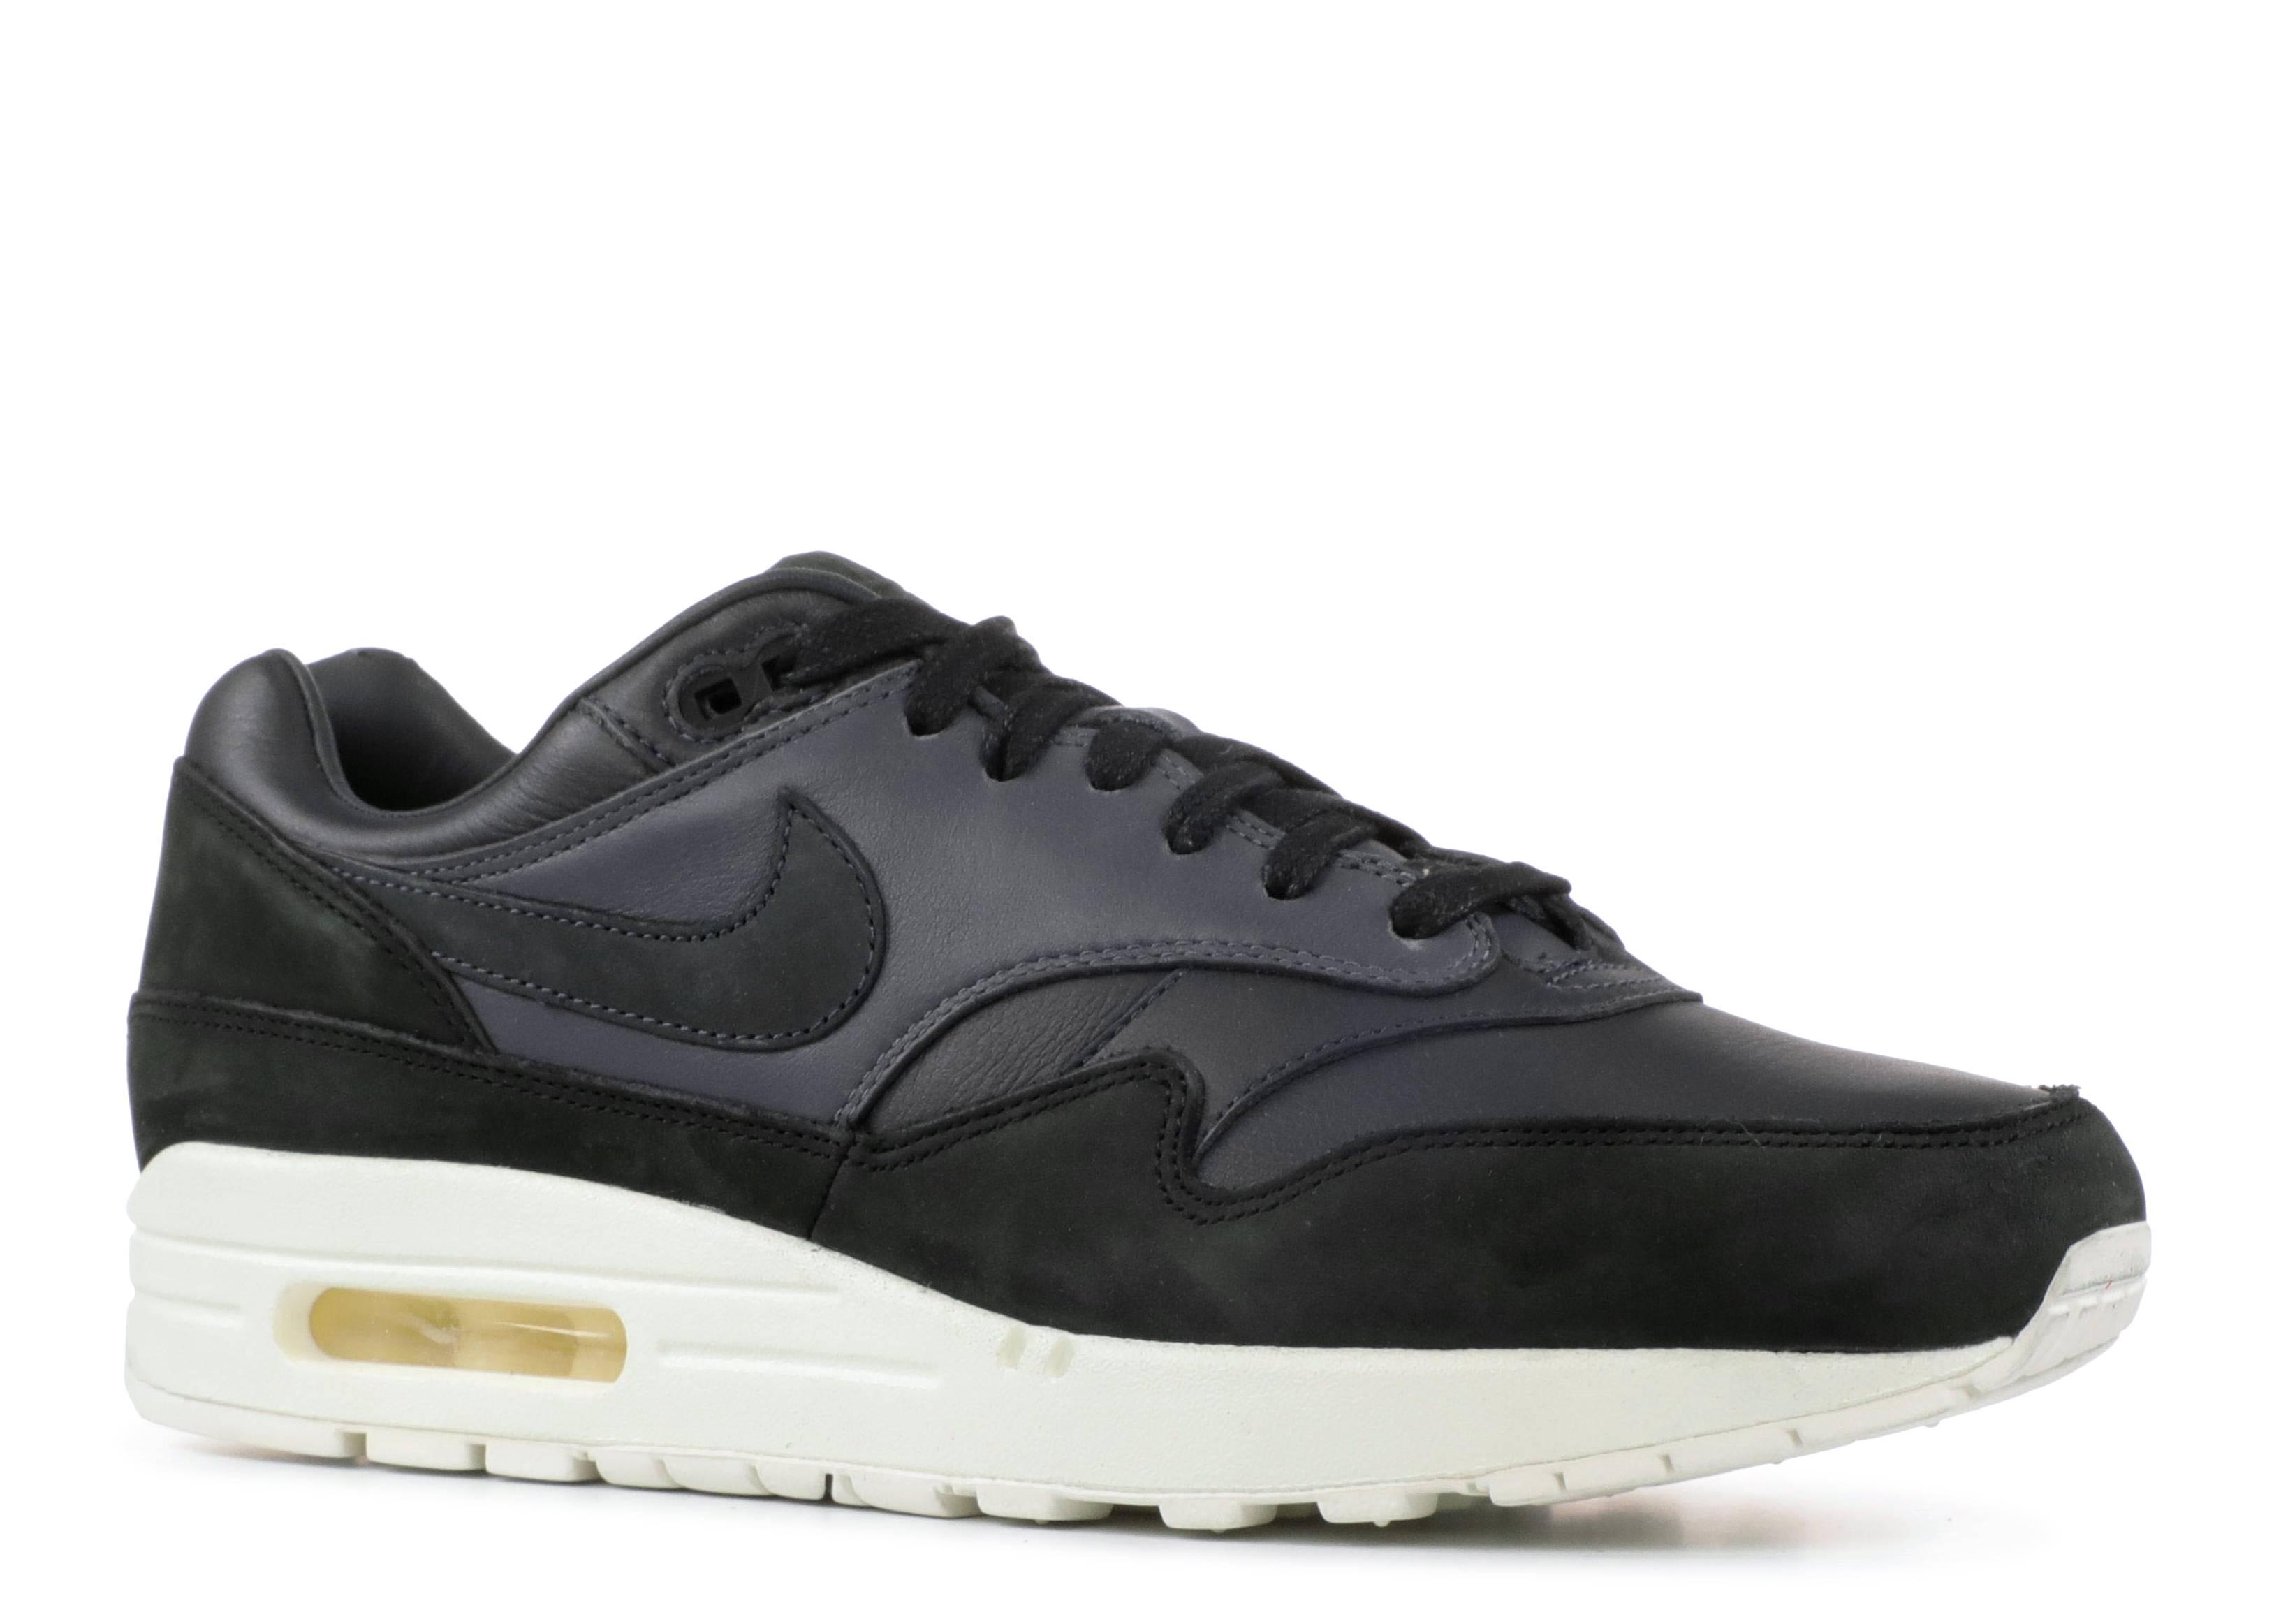 cheap for discount b5385 09b40 Nikelab Air Max 1 Pinnacle - Nike - 859554 004 - black anthracite-dark grey    Flight Club